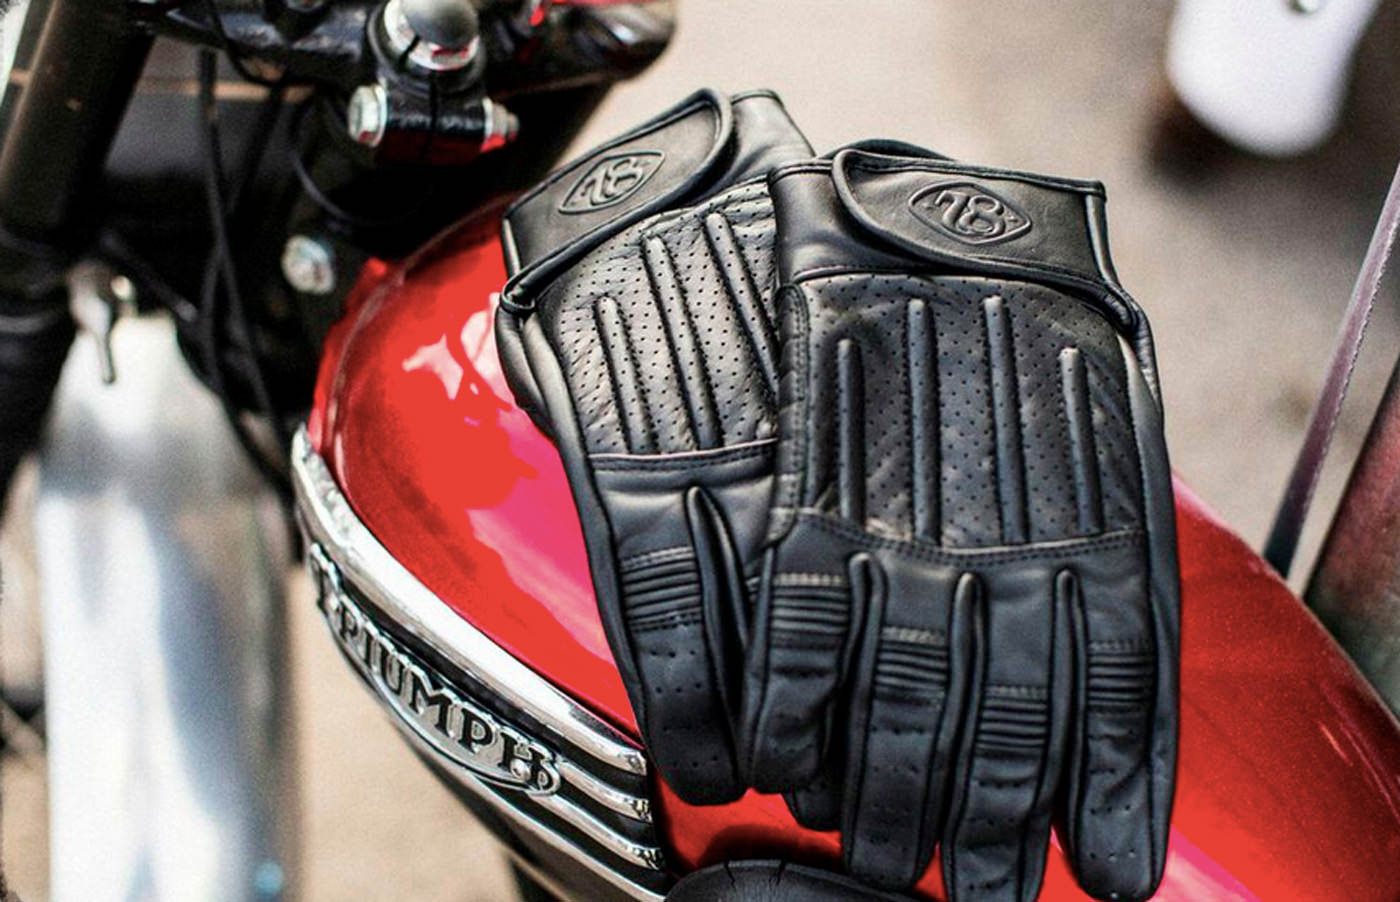 78 motor co sprint gloves. Black Bedroom Furniture Sets. Home Design Ideas